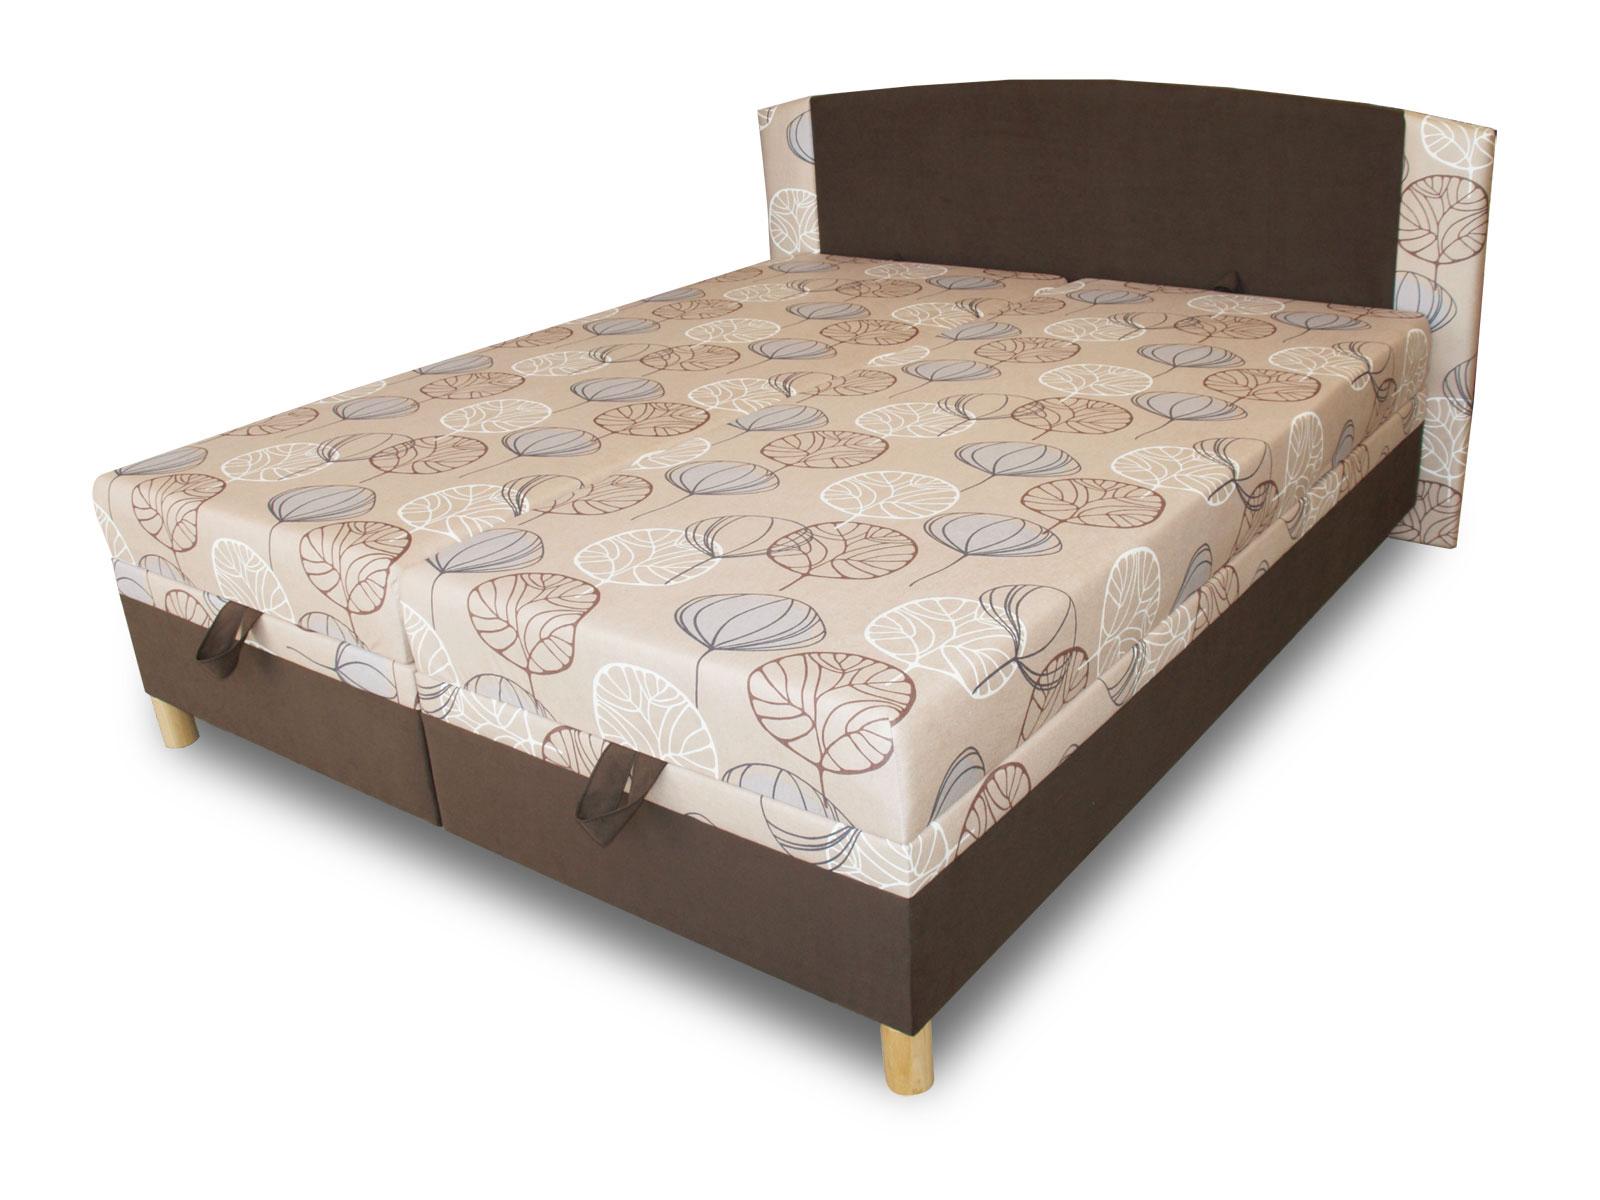 Manželská postel 170 cm - Benab - Luka (s rošty a matracemi)